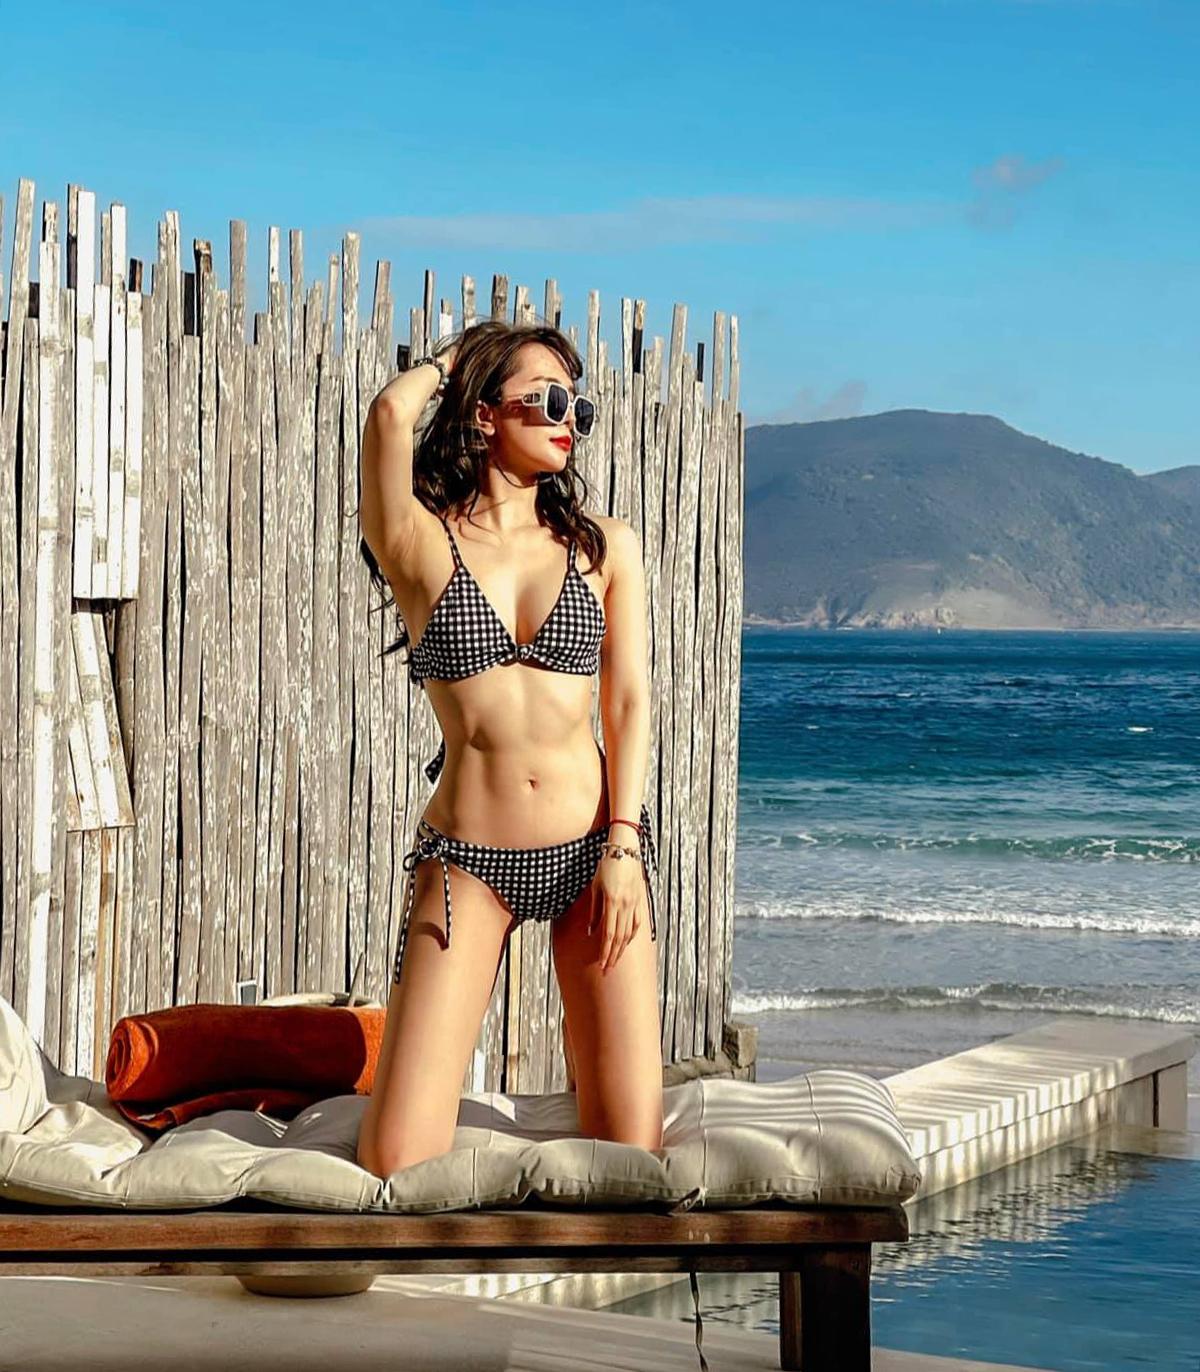 Mặc bikini, Quỳnh Nga khoe vòng eo 55 cm và cơ bụng săn chắc đáng ngưỡng mộ.